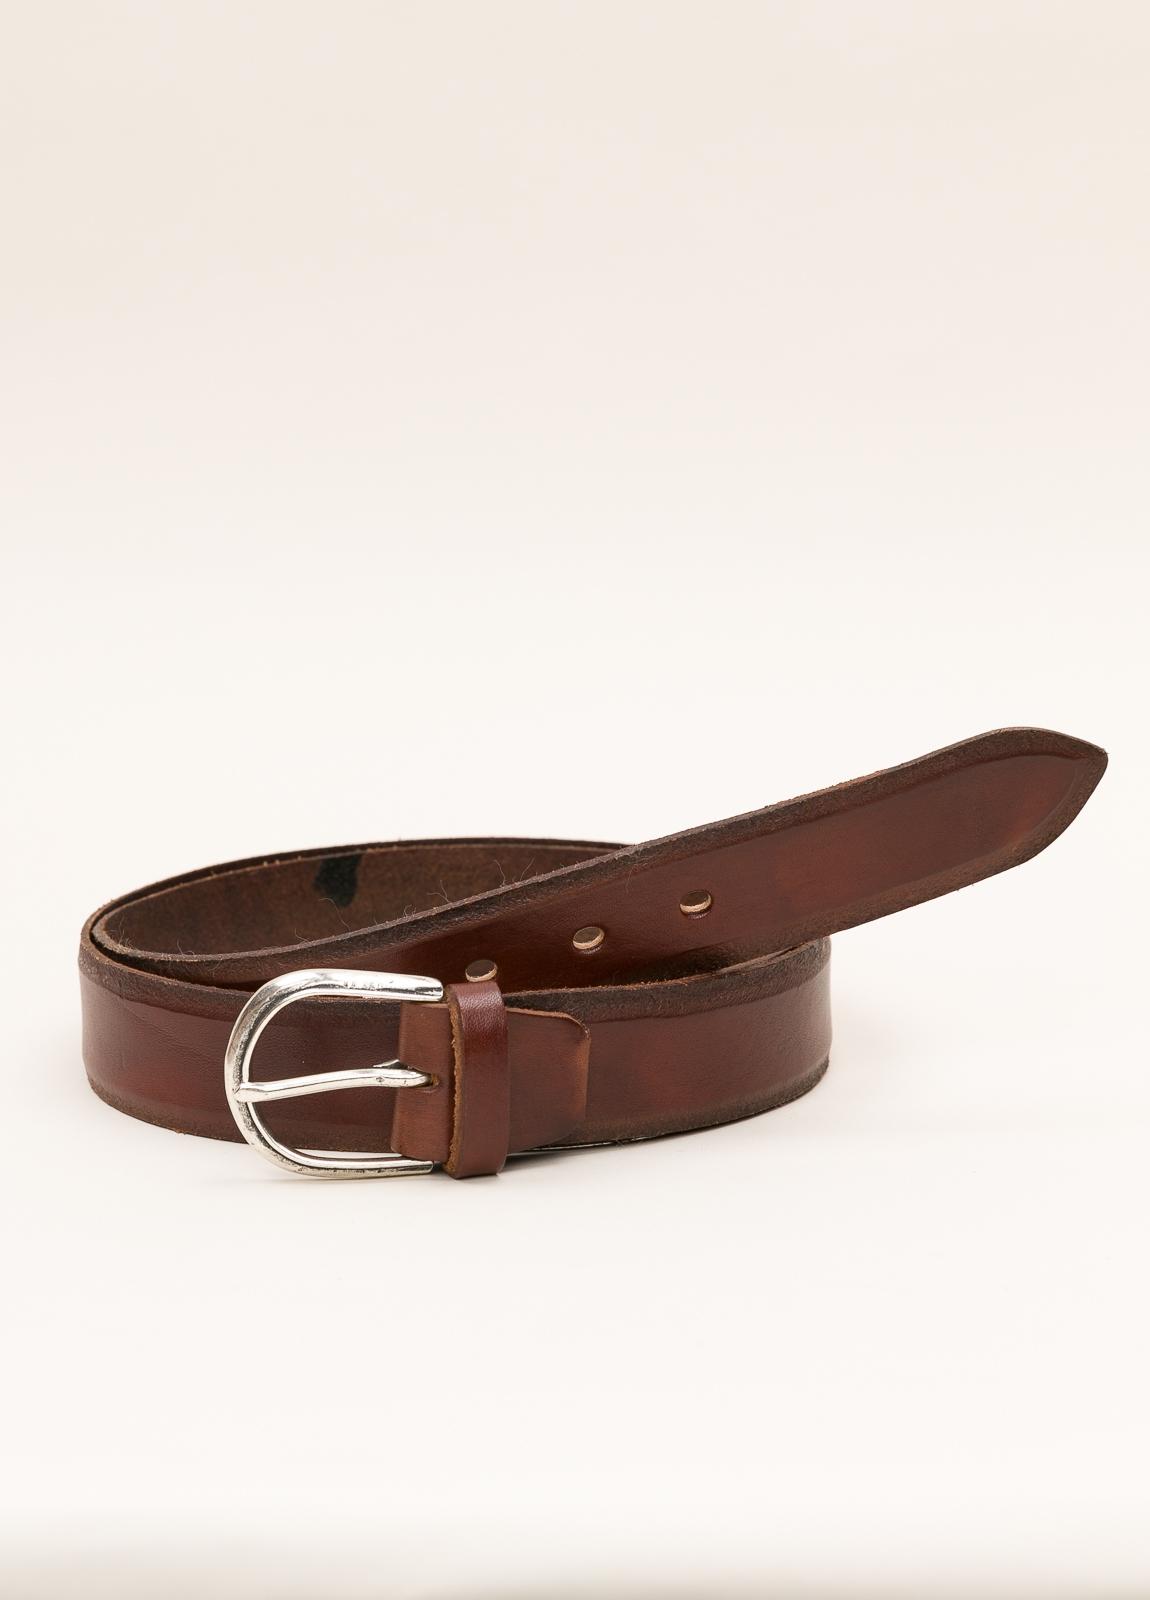 Cinturón sport ITALIAN BELTS liso marrón